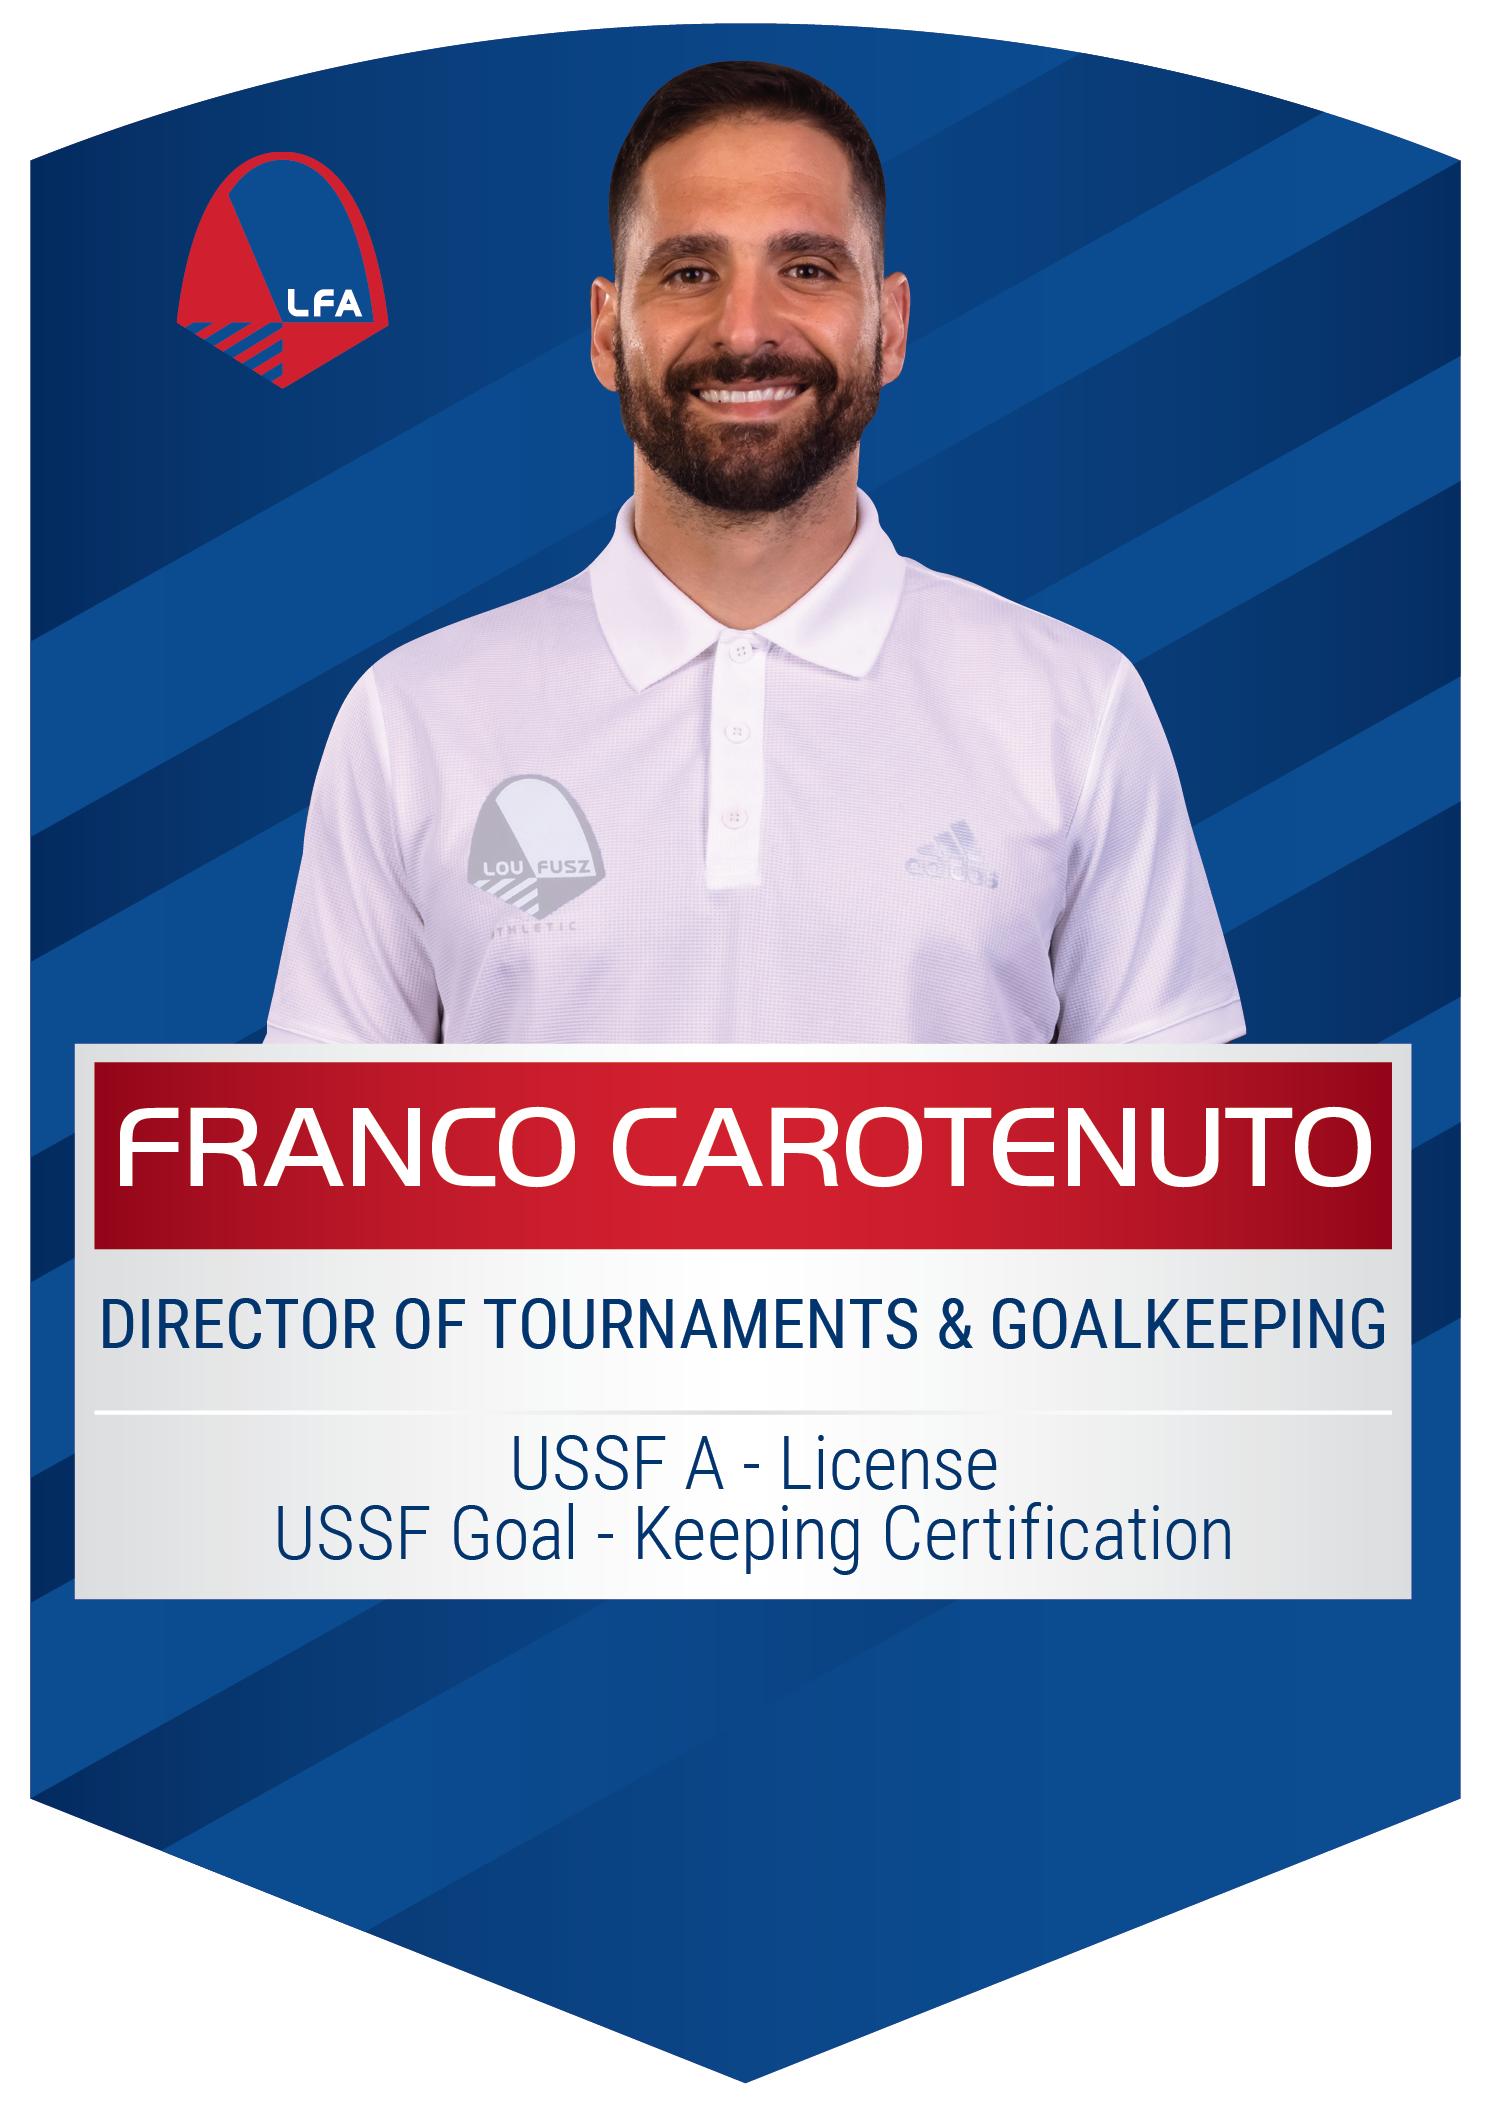 Franco Carotenuto